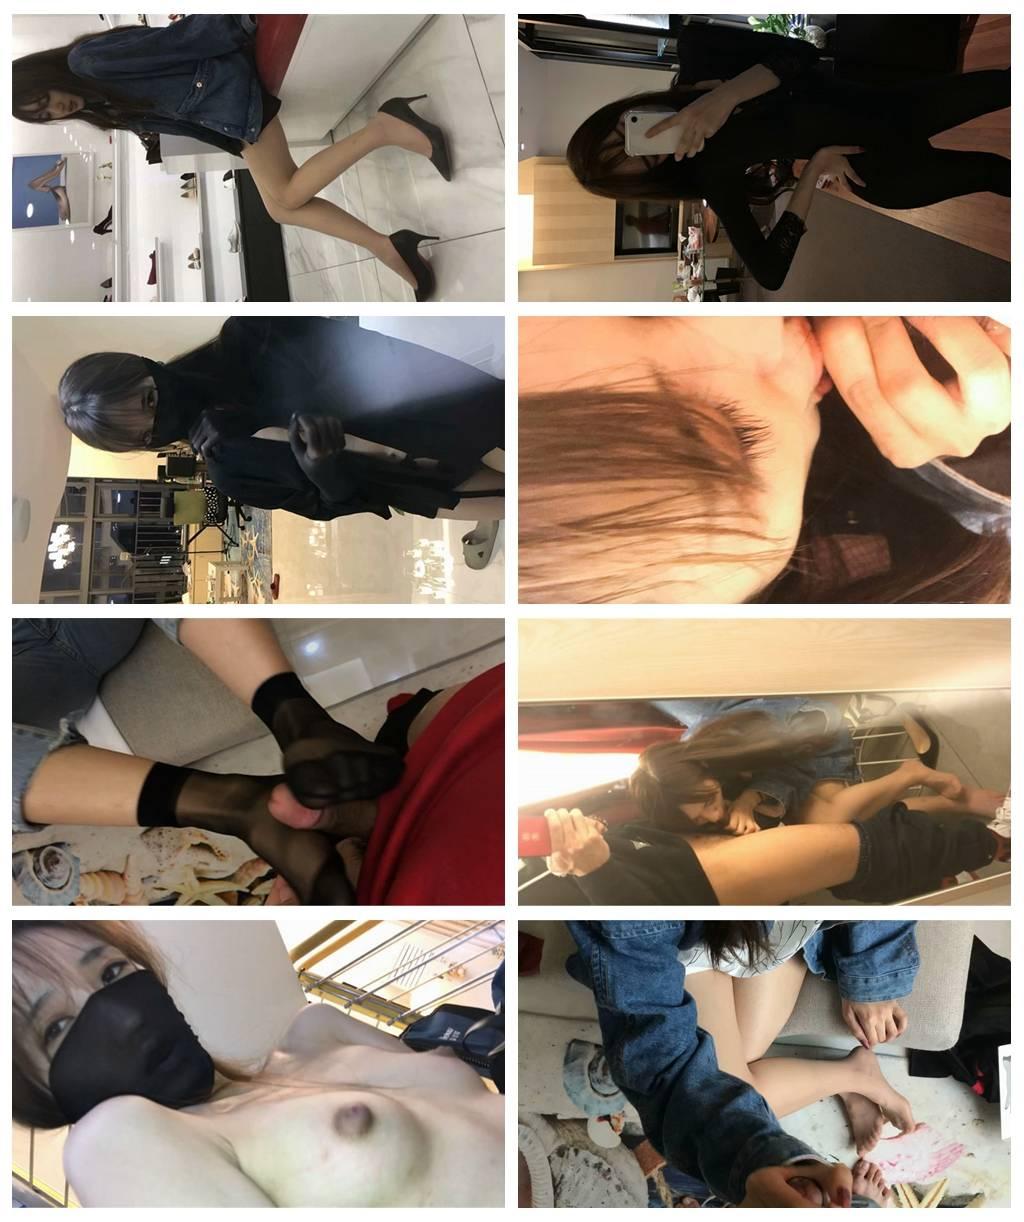 【線上x20】最新『優衣庫』情侶性愛完整版私拍外流~絲足啪啪~試衣間偷操~戶外跪舔~完美露臉